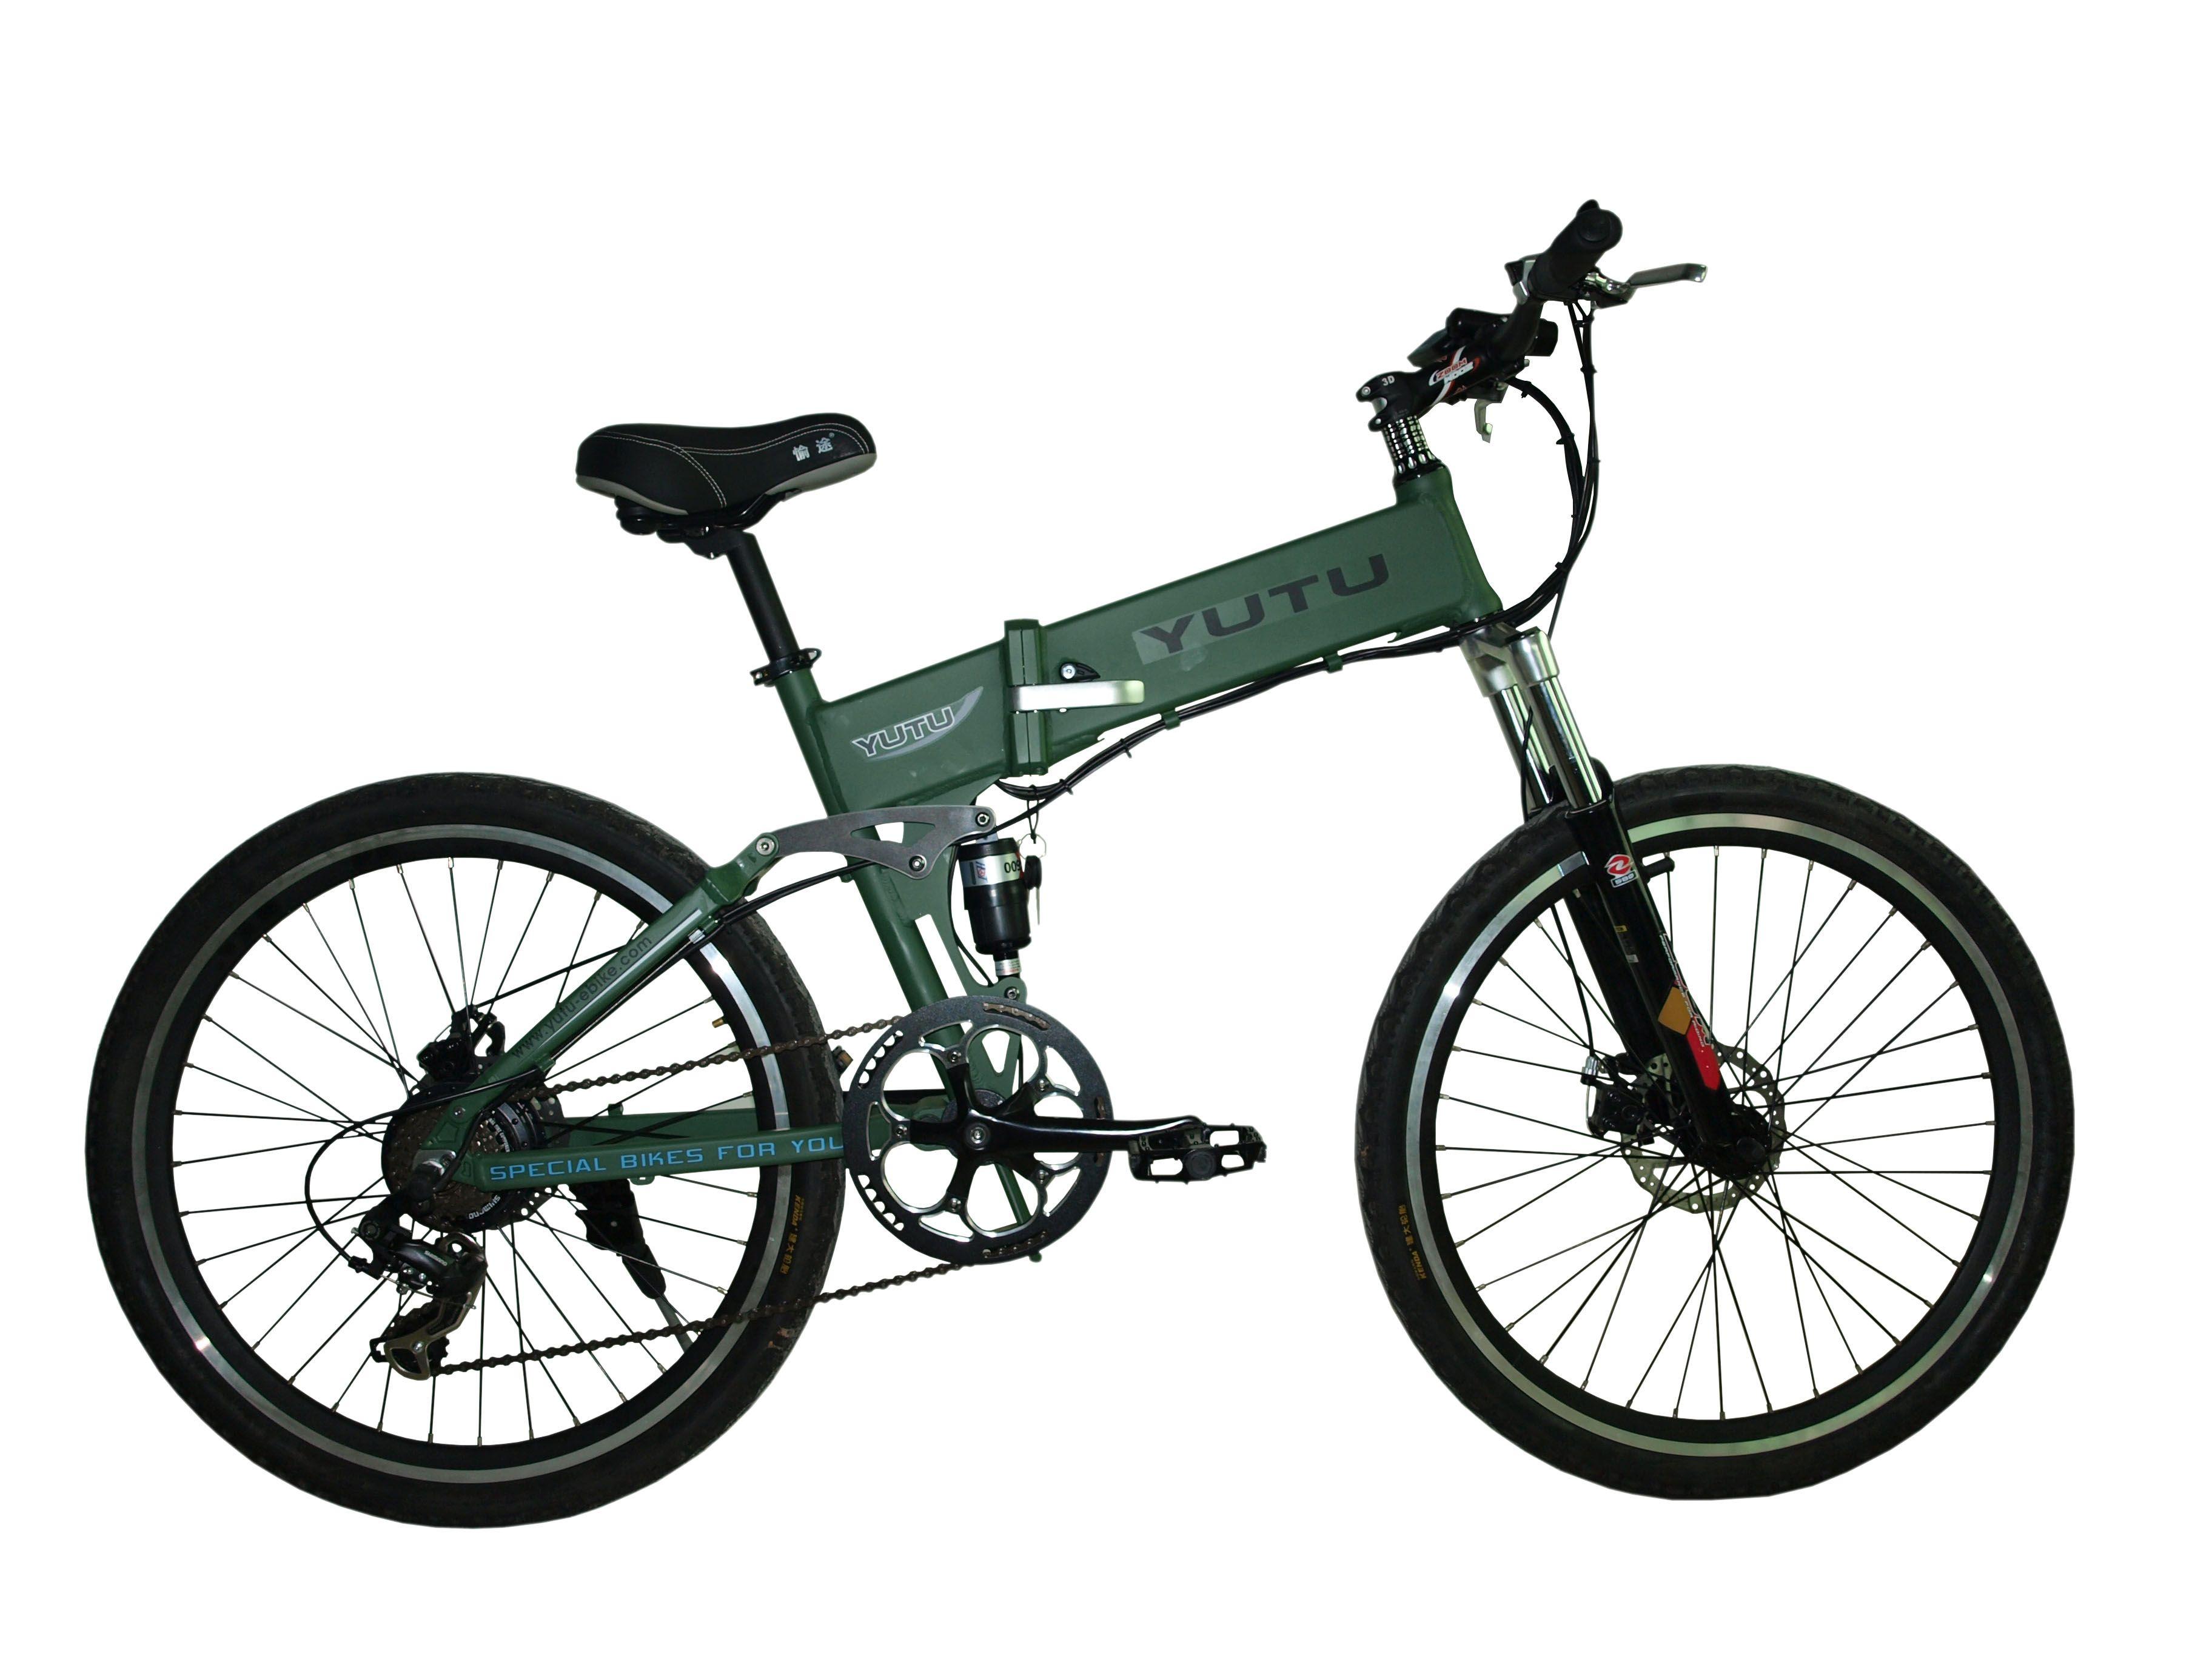 Pin By Guangzhou Yutu Electric Bike Technology Co Ltd On Hummer